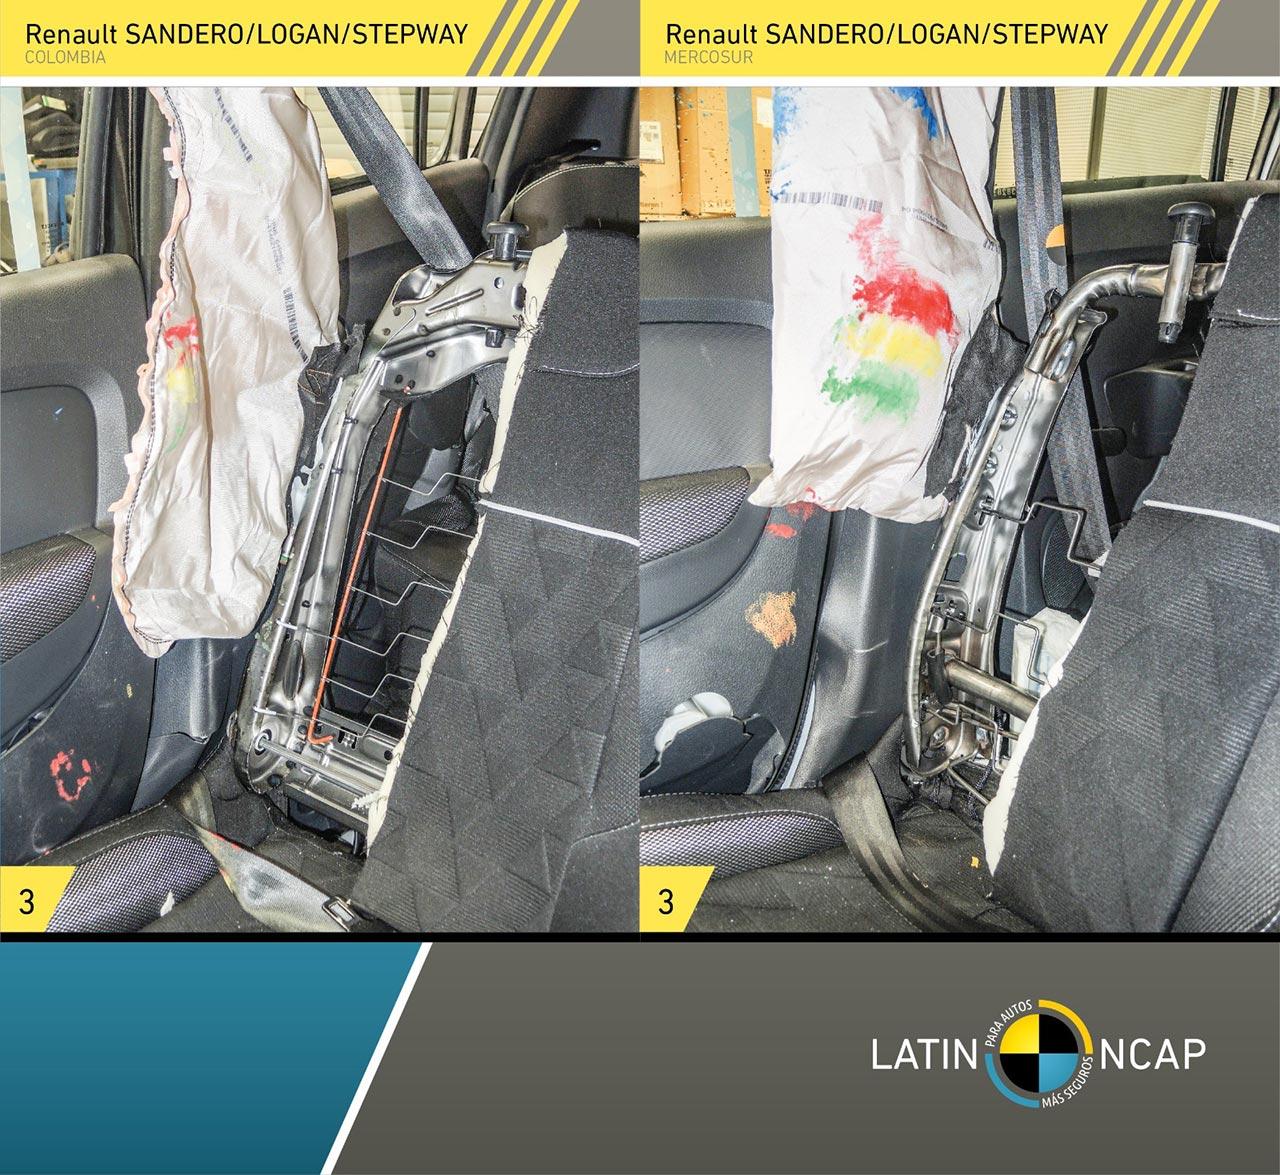 Renault Sandero Mercosur asientos diferencias Mercosur Colombia